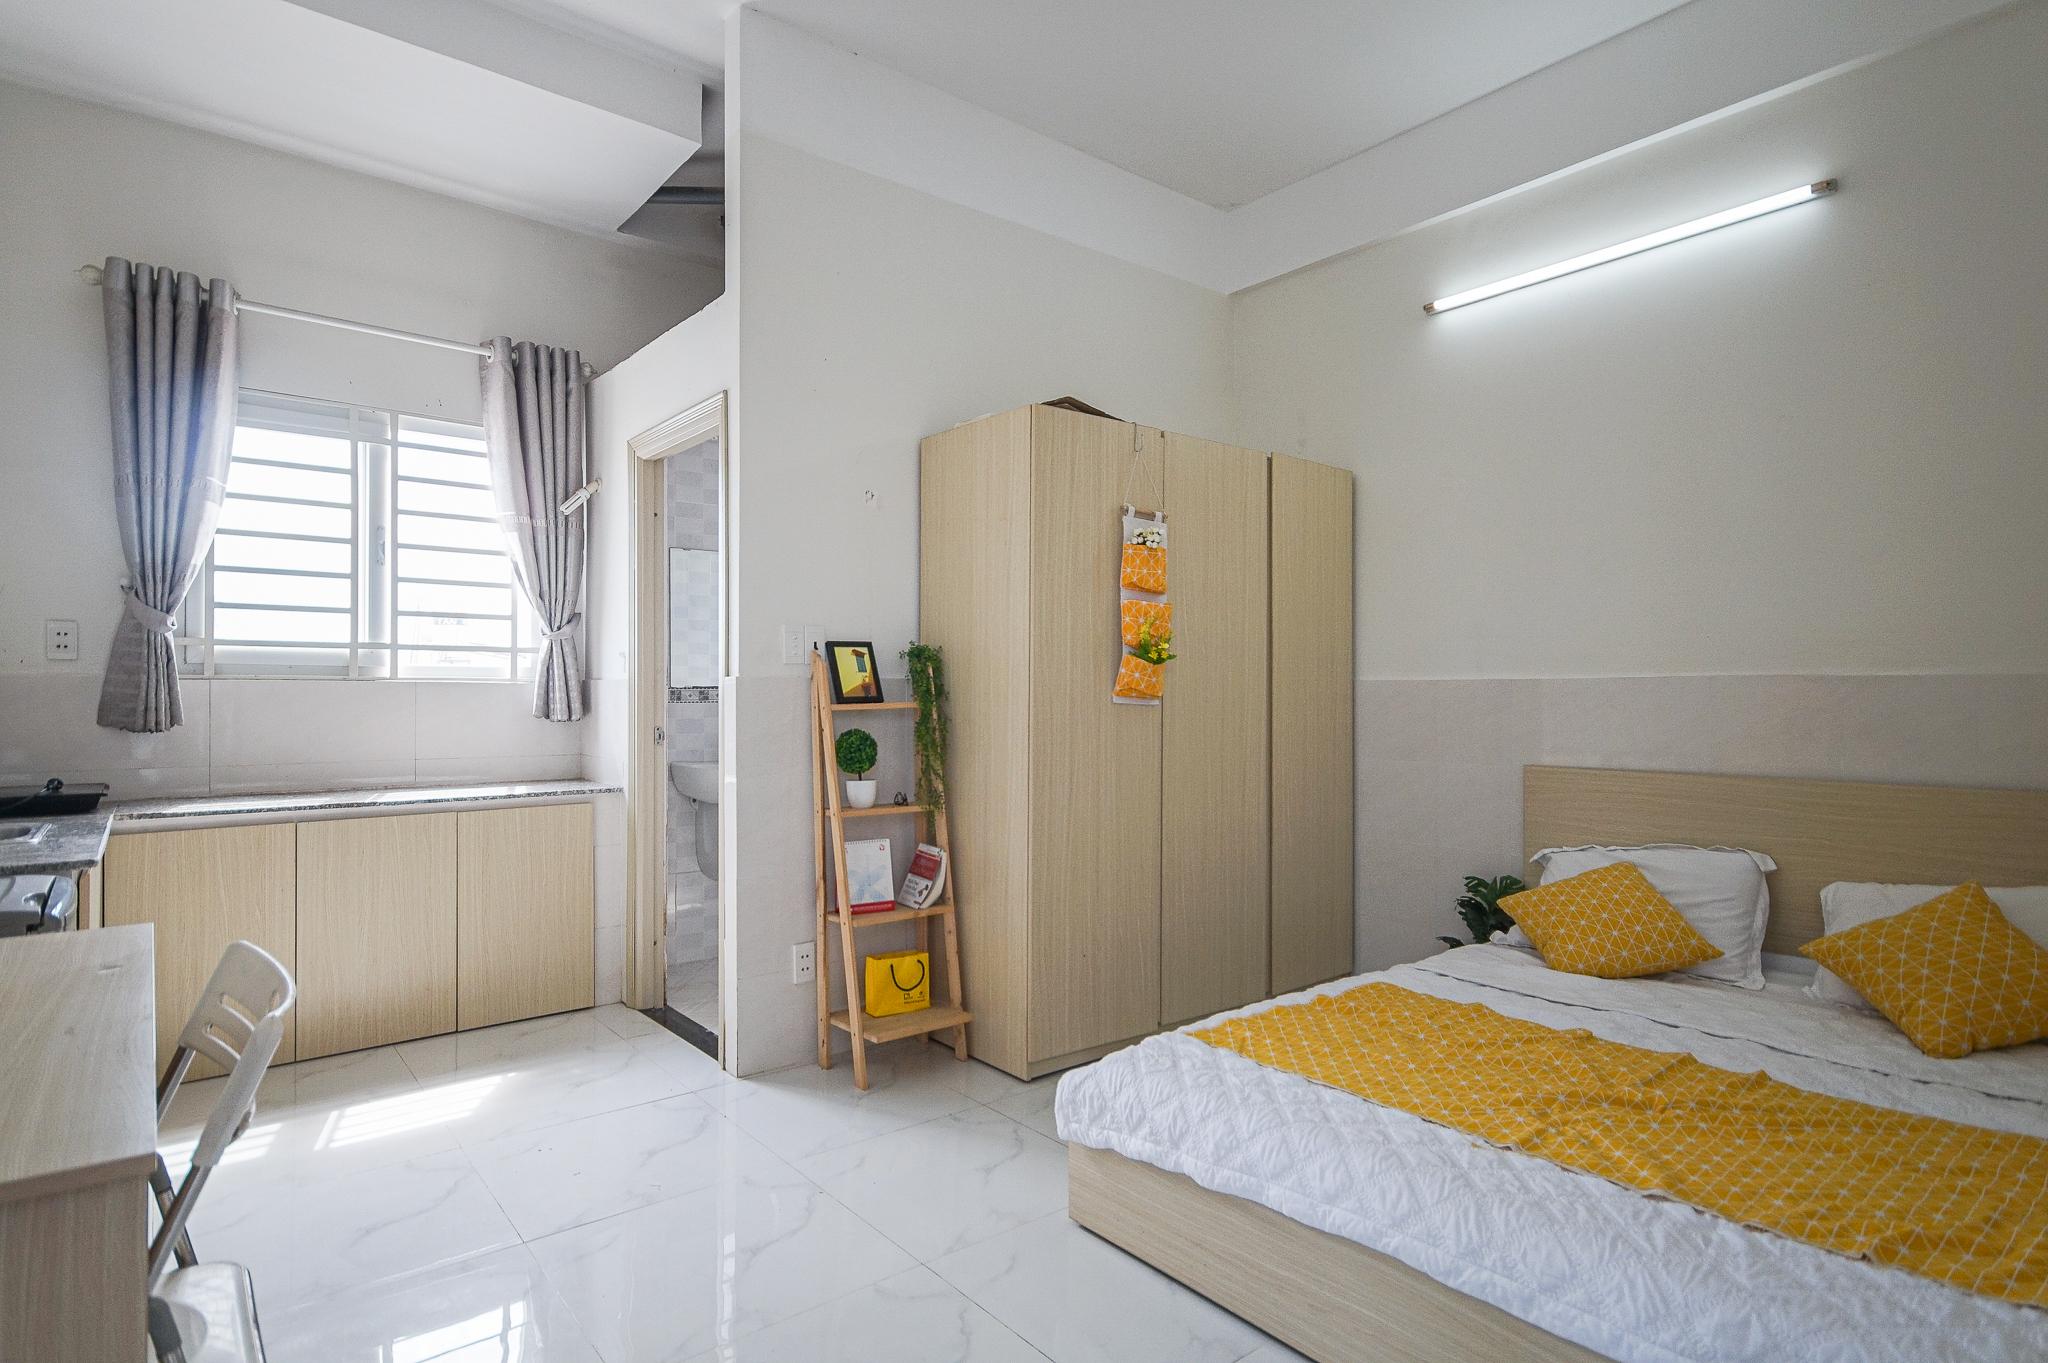 Cho Thuê Căn Hộ Dịch Vụ 1 PN Đường Số 77 - Phòng Ngủ Đón Nắng -0